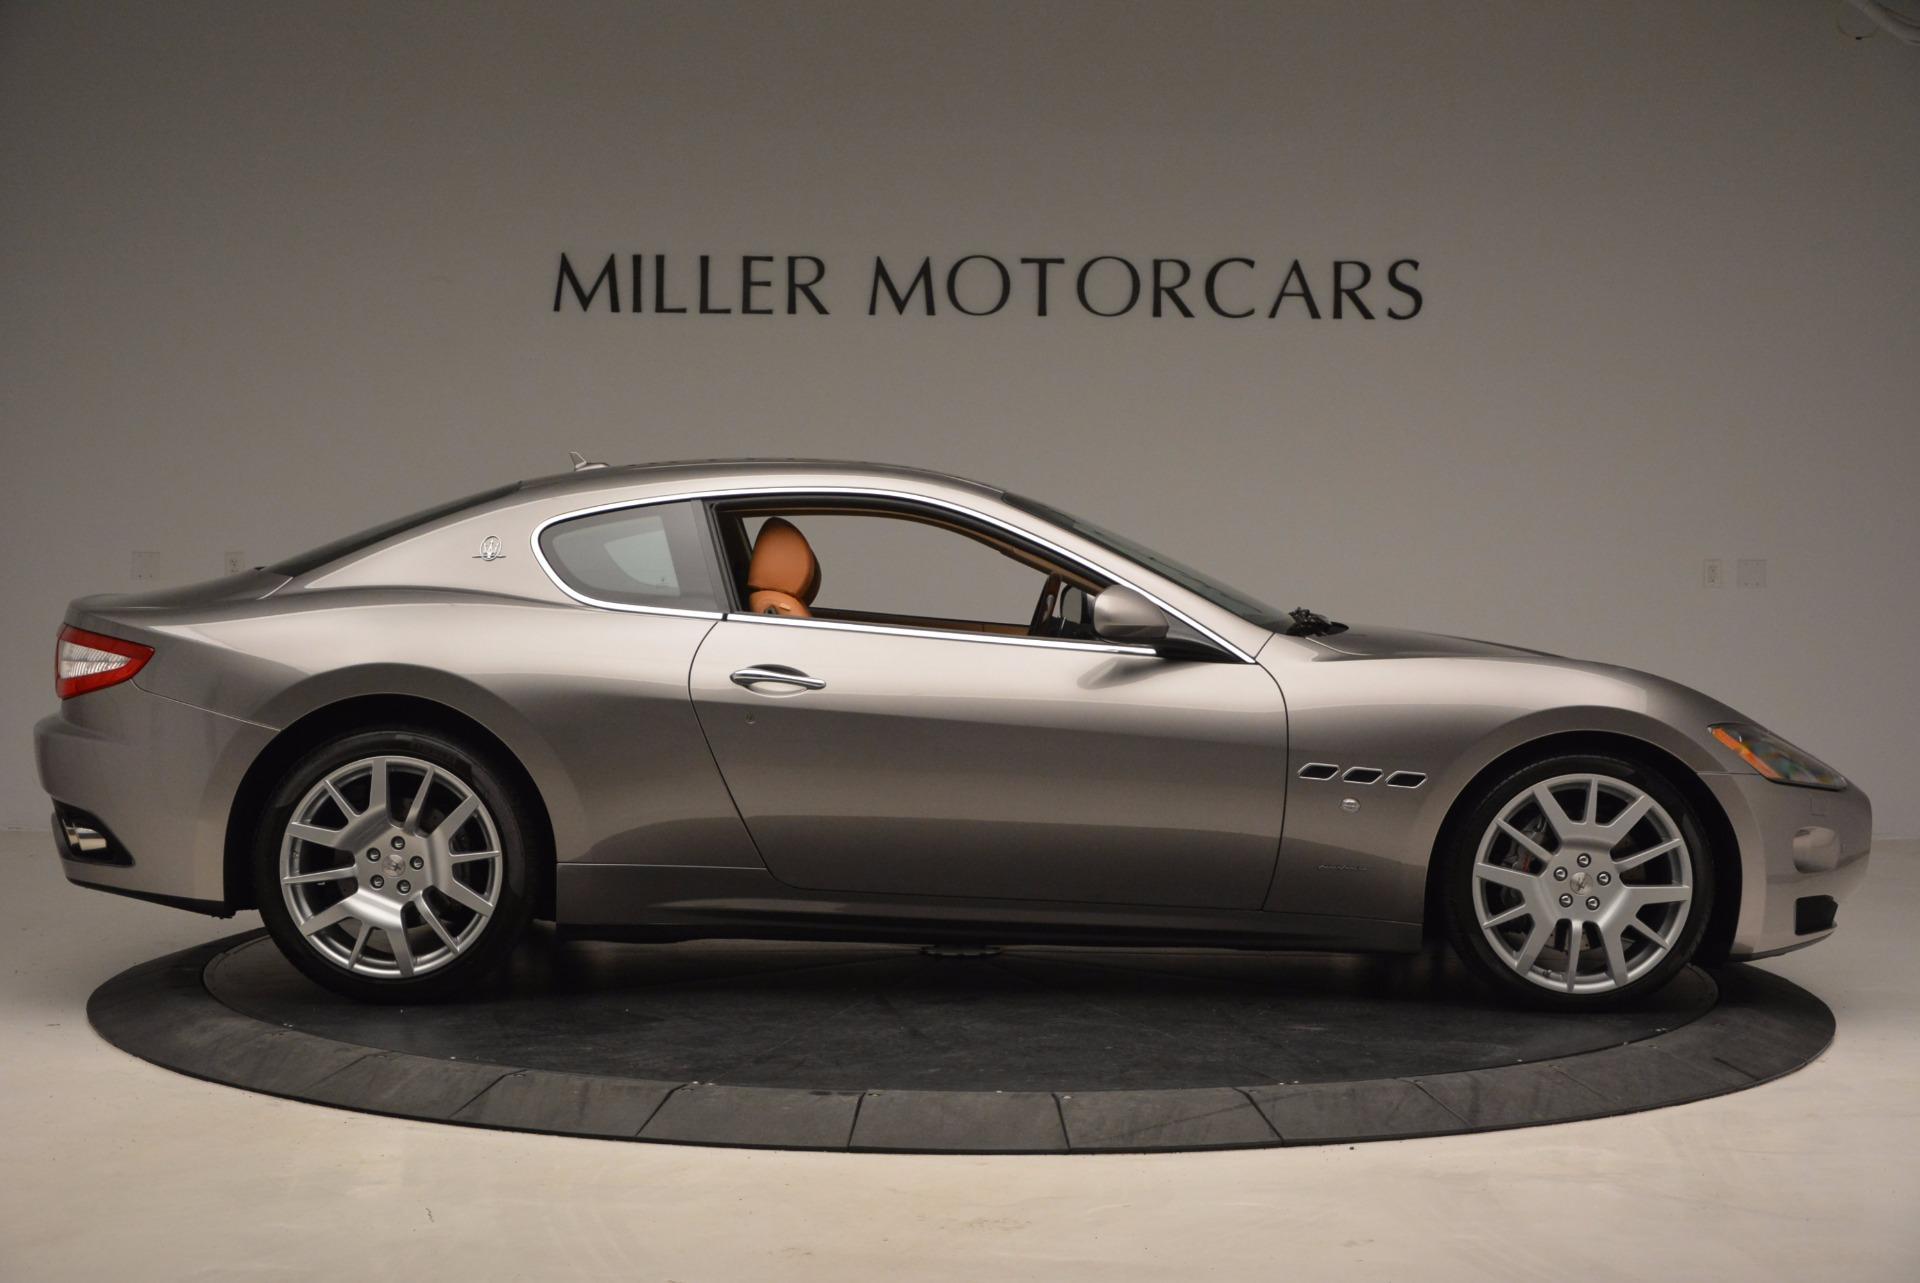 Used 2009 Maserati GranTurismo S For Sale In Westport, CT 1063_p9